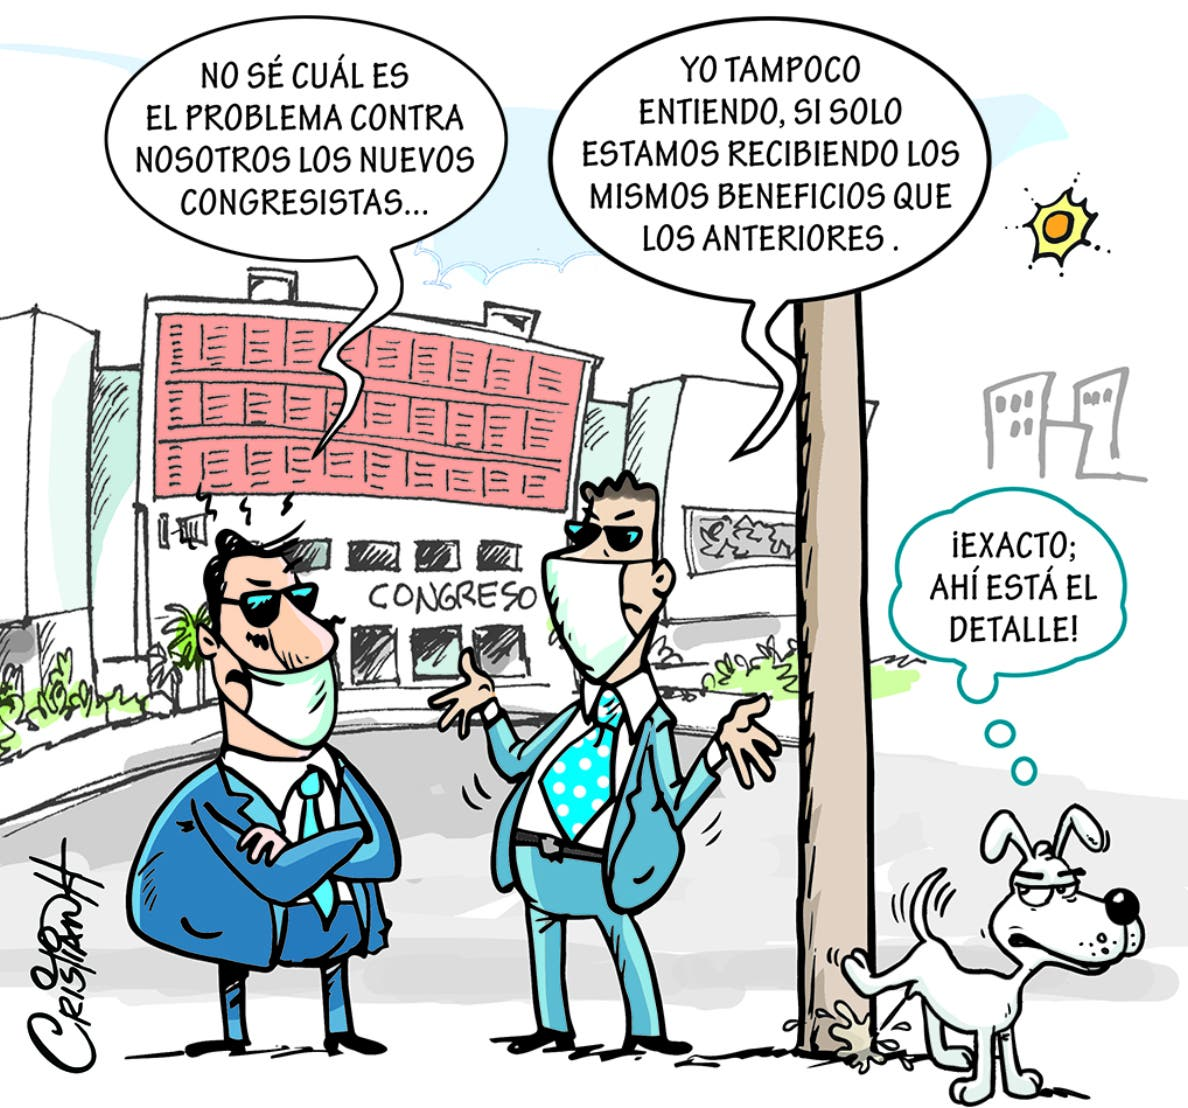 Caricatura Cristian Caricaturas – El Día, 27 de Octubre, 2020